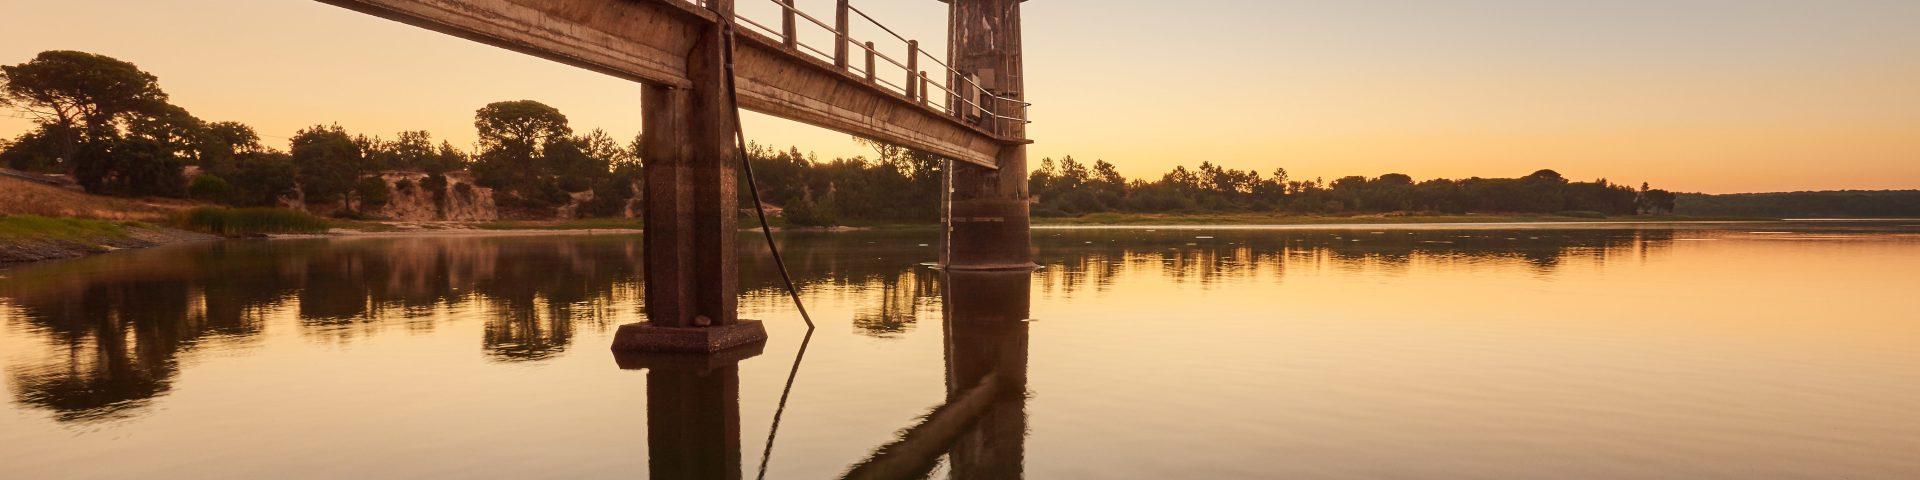 entrada da barragem ao nascer do sol